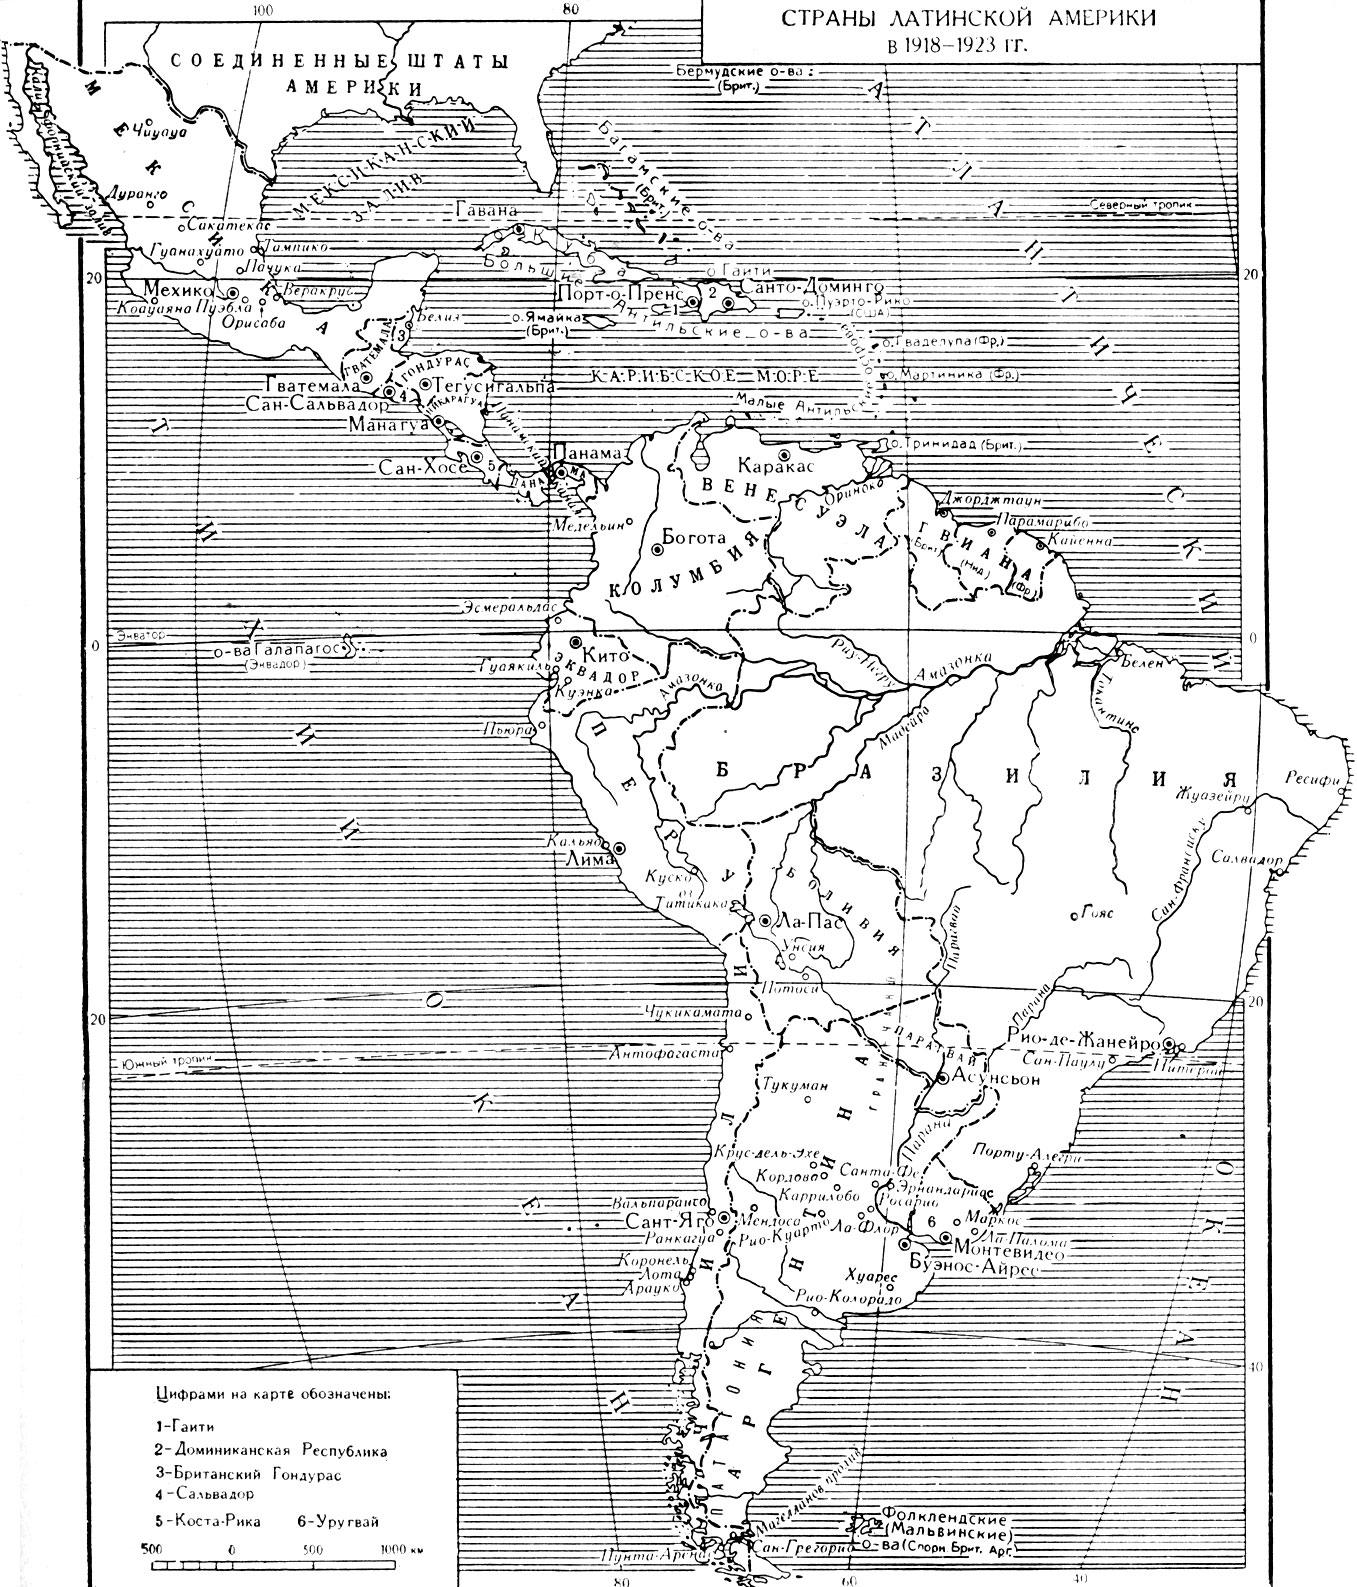 Страны латинской америки в 1918 1923 гг